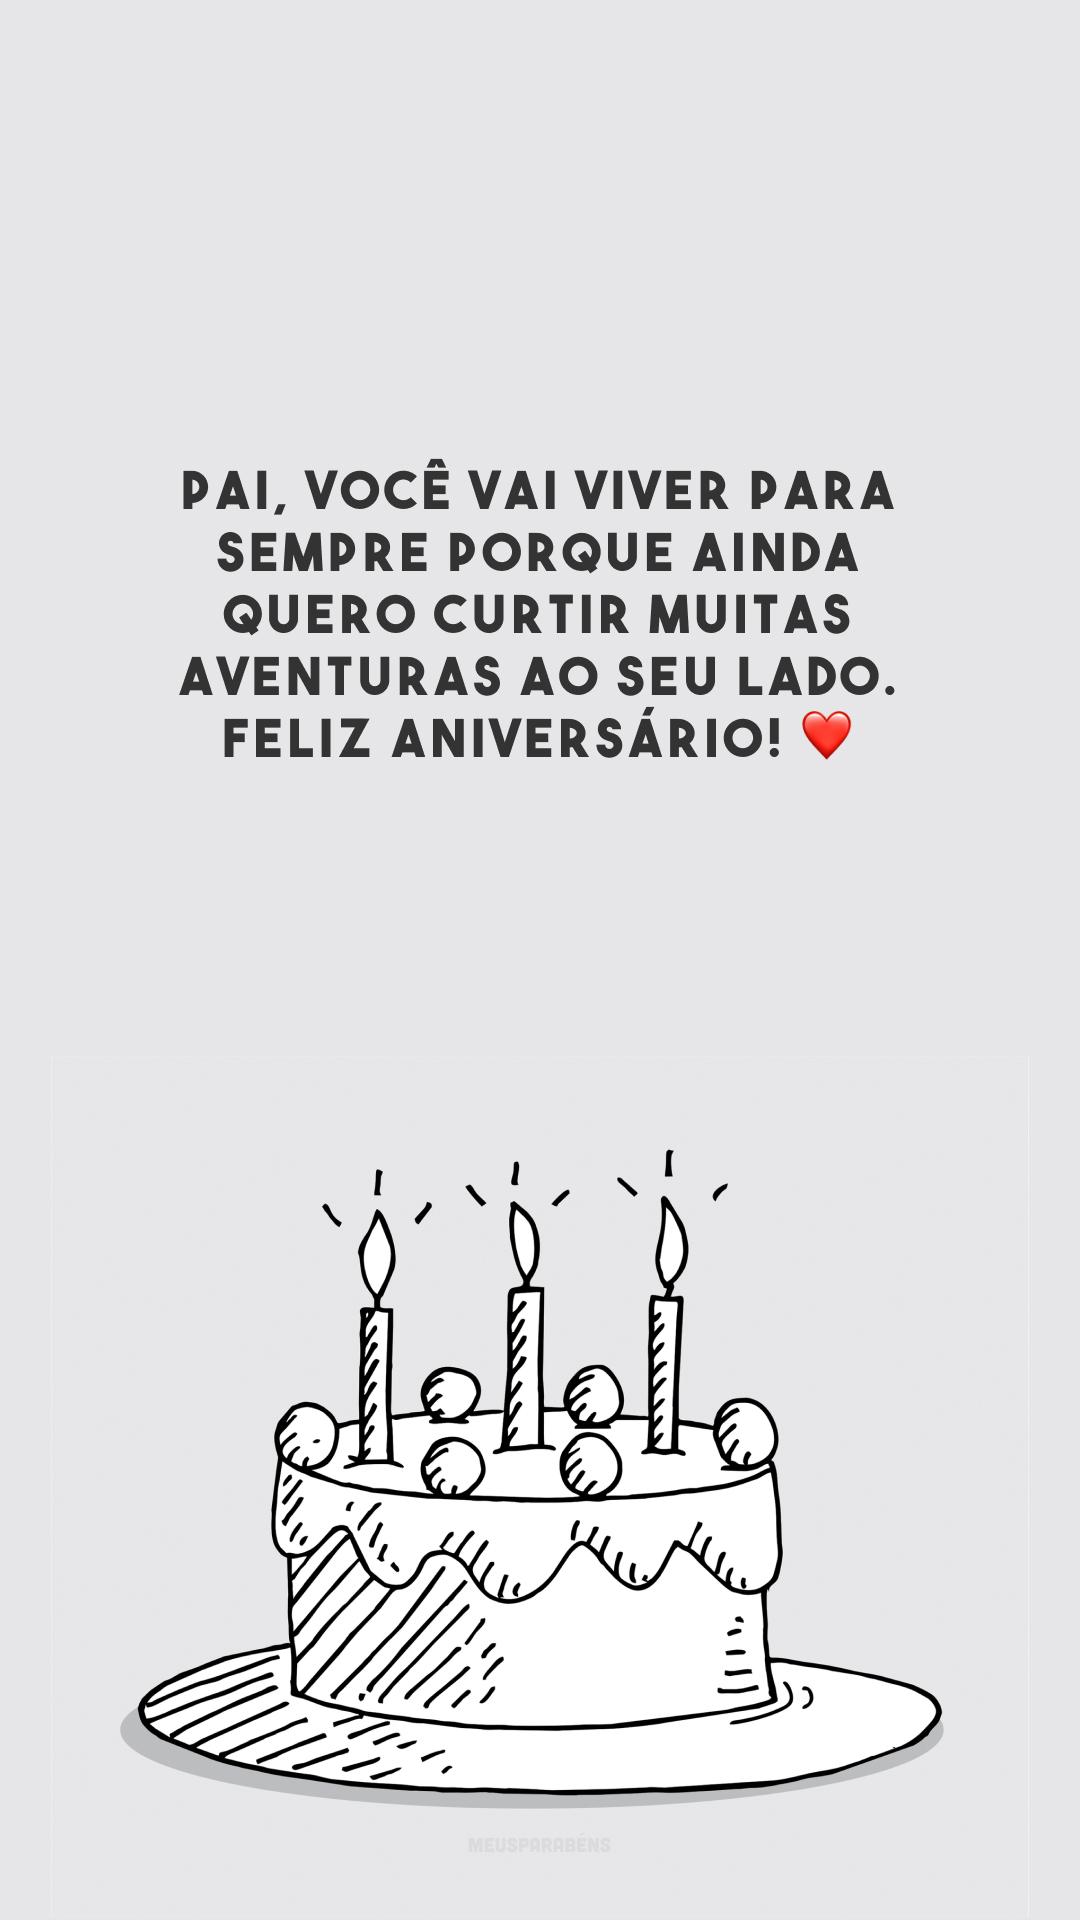 Pai, você vai viver para sempre porque ainda quero curtir muitas aventuras ao seu lado. Feliz aniversário! ❤️